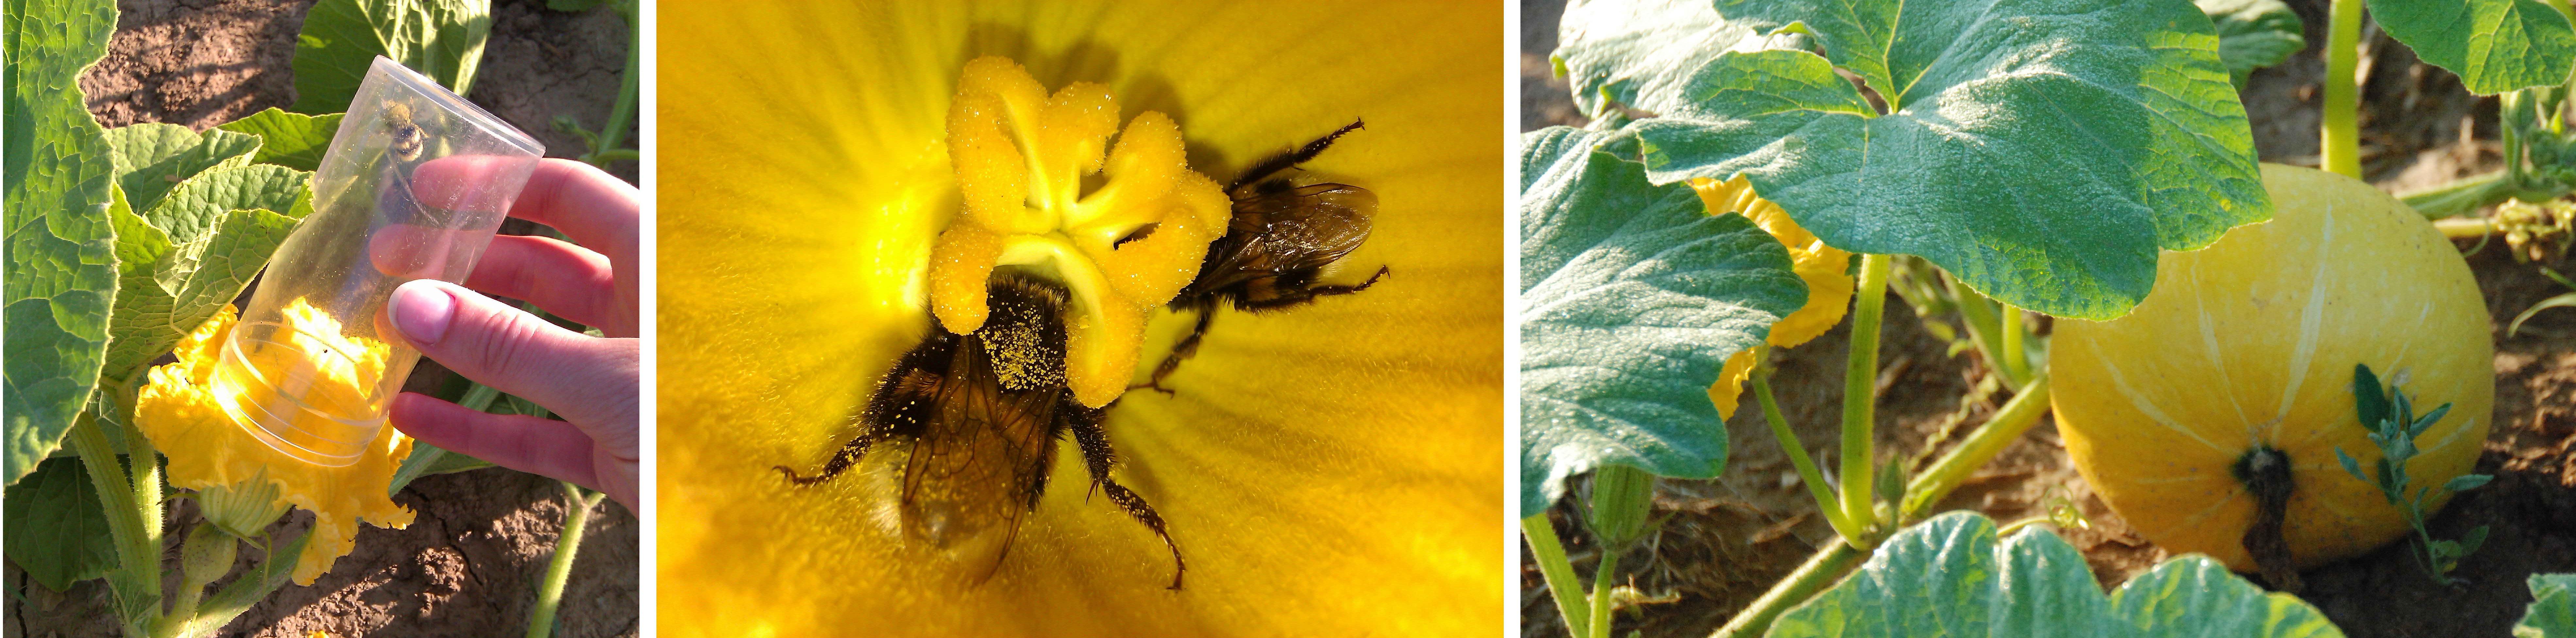 Kürbis_pollination